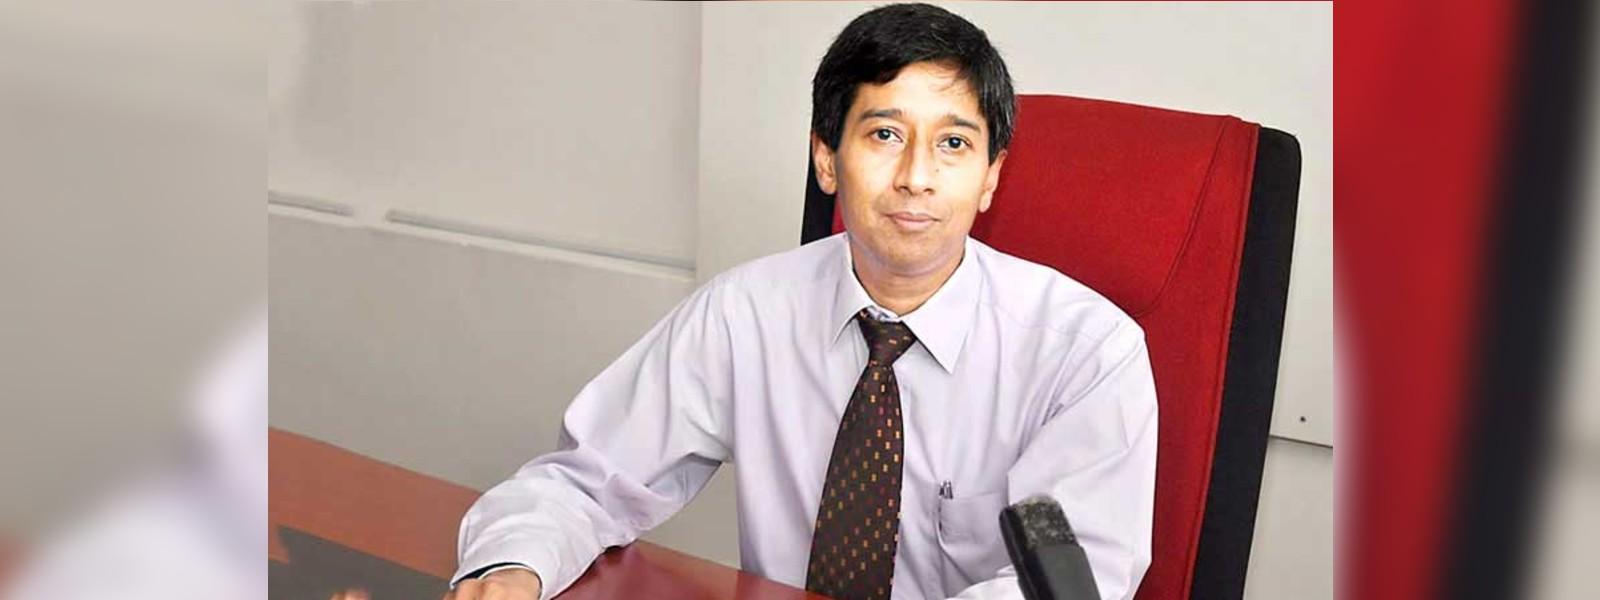 Sri Lanka to obtain COVID-19 vaccine after successful trial